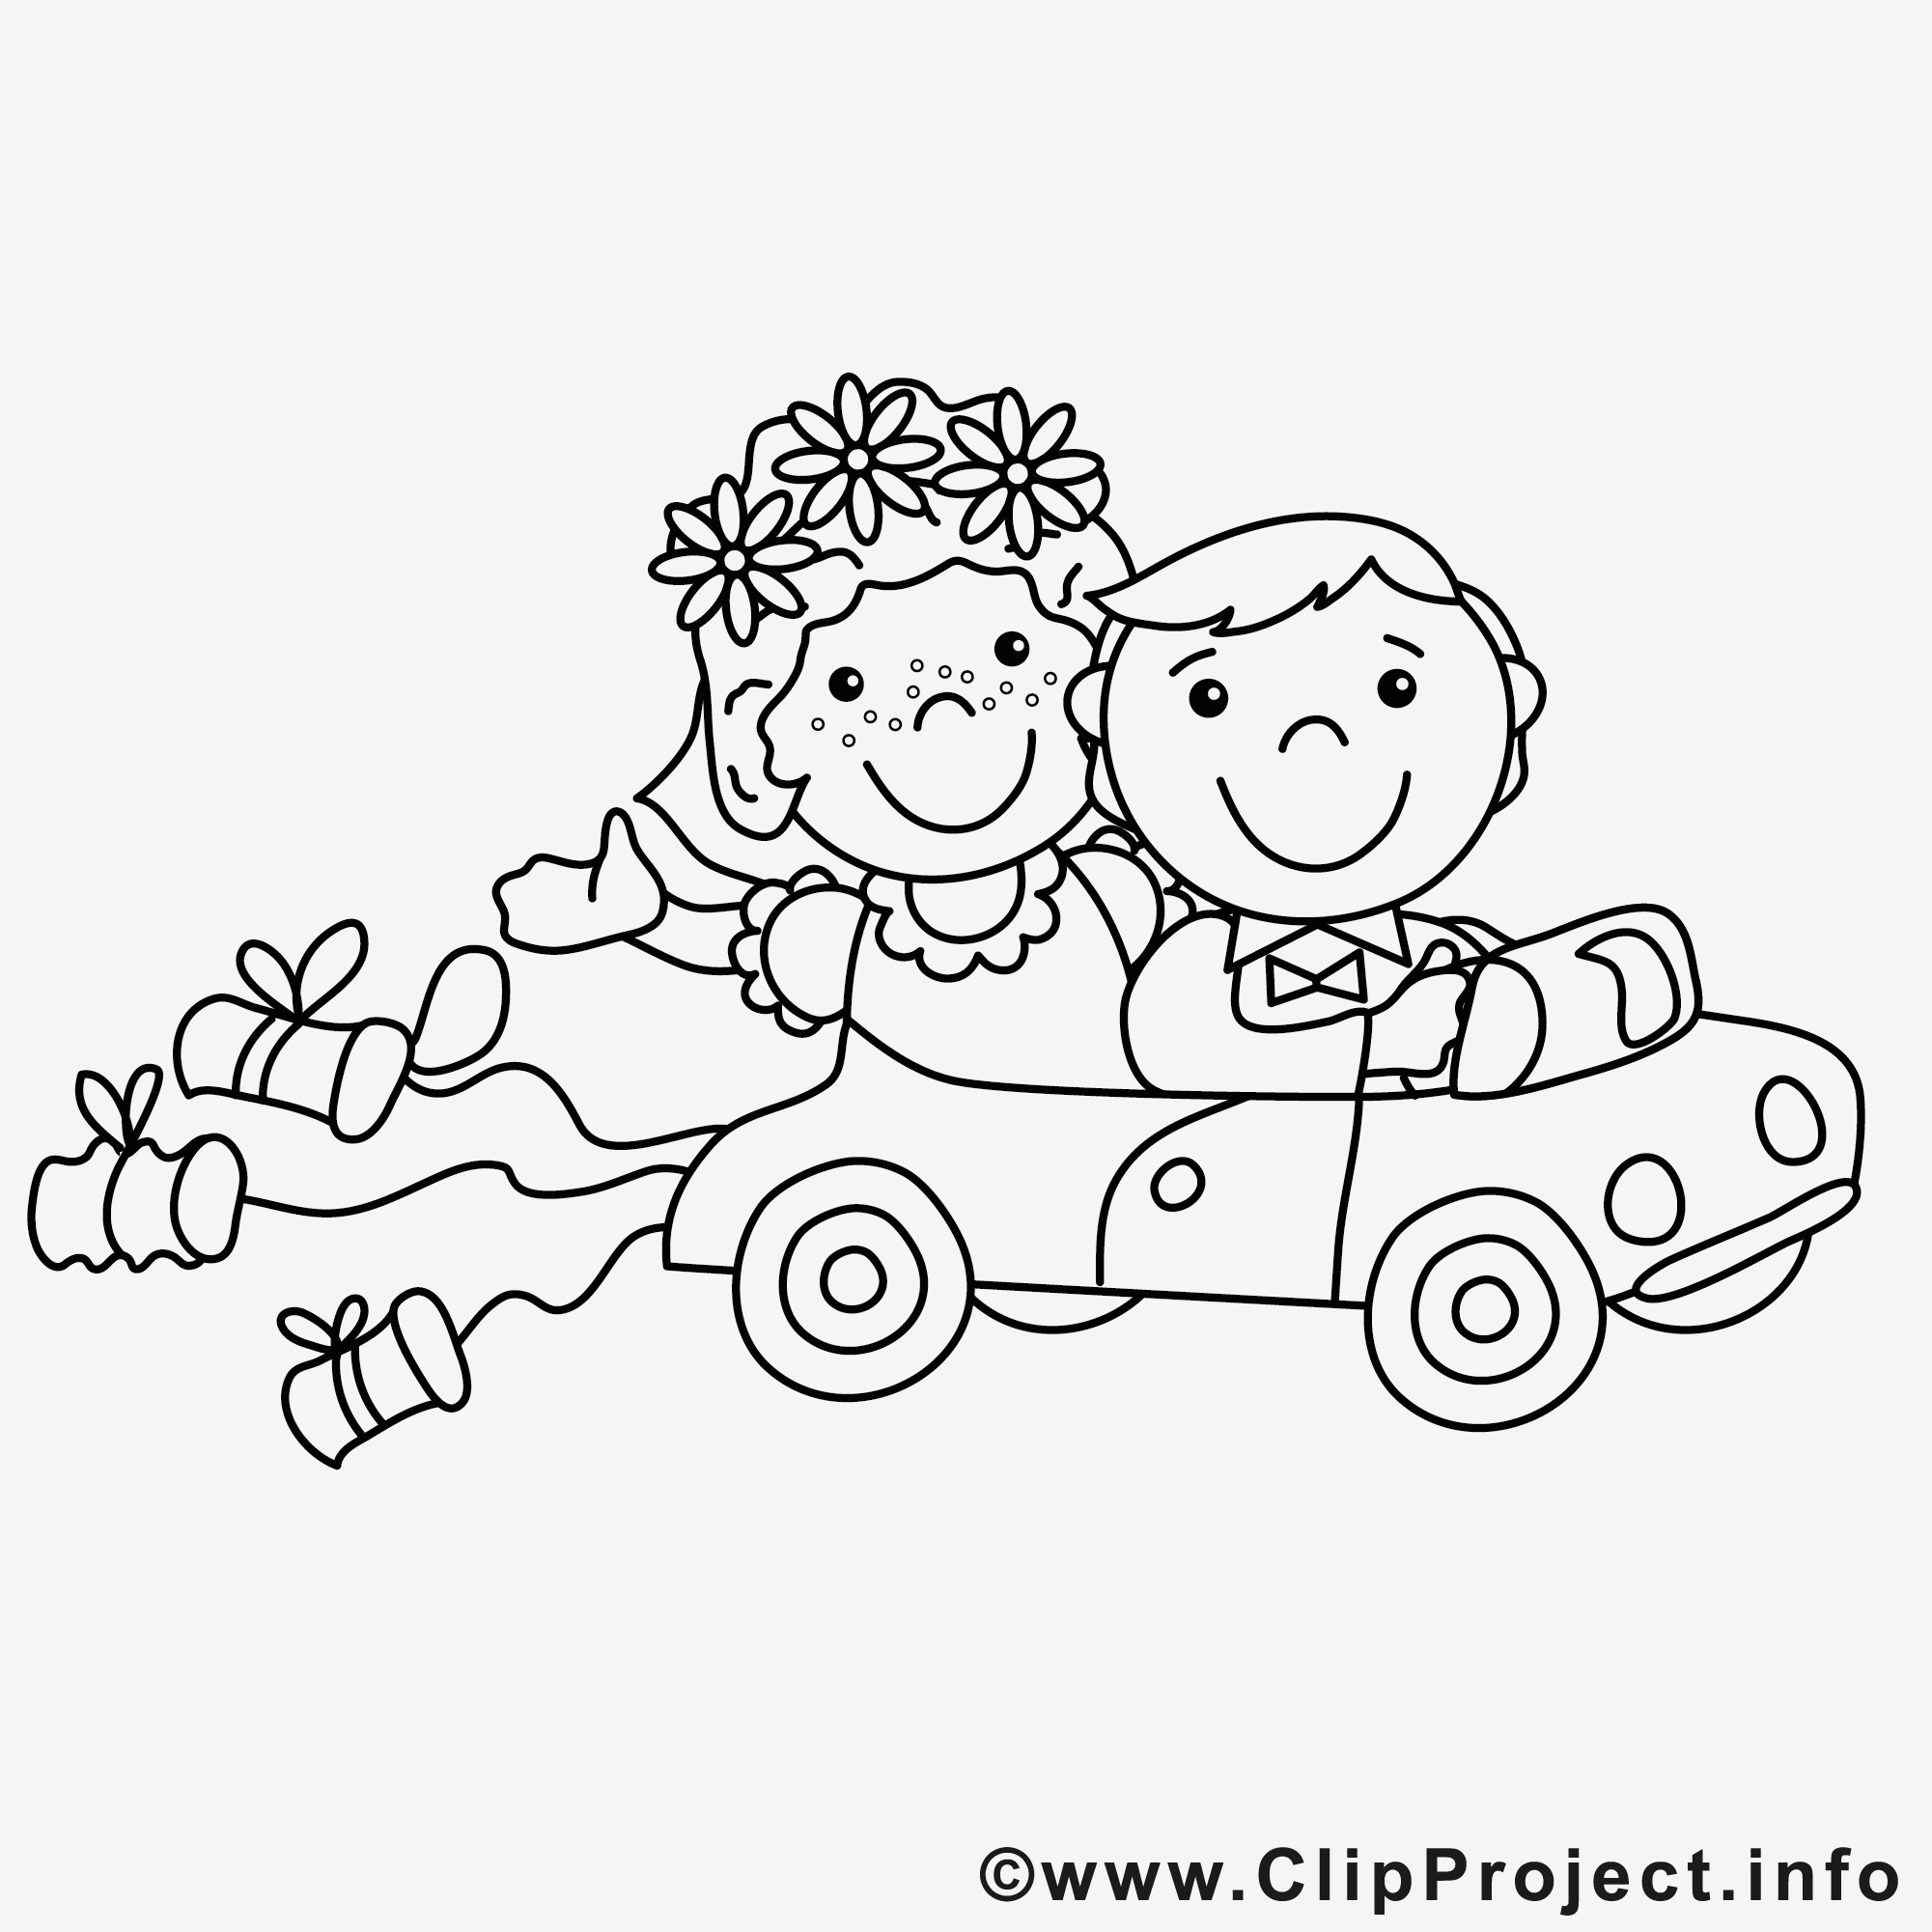 Ausmalbilder Hochzeit Kostenlos Frisch Verschiedene Bilder Färben Auto Ausmalen Das Bild